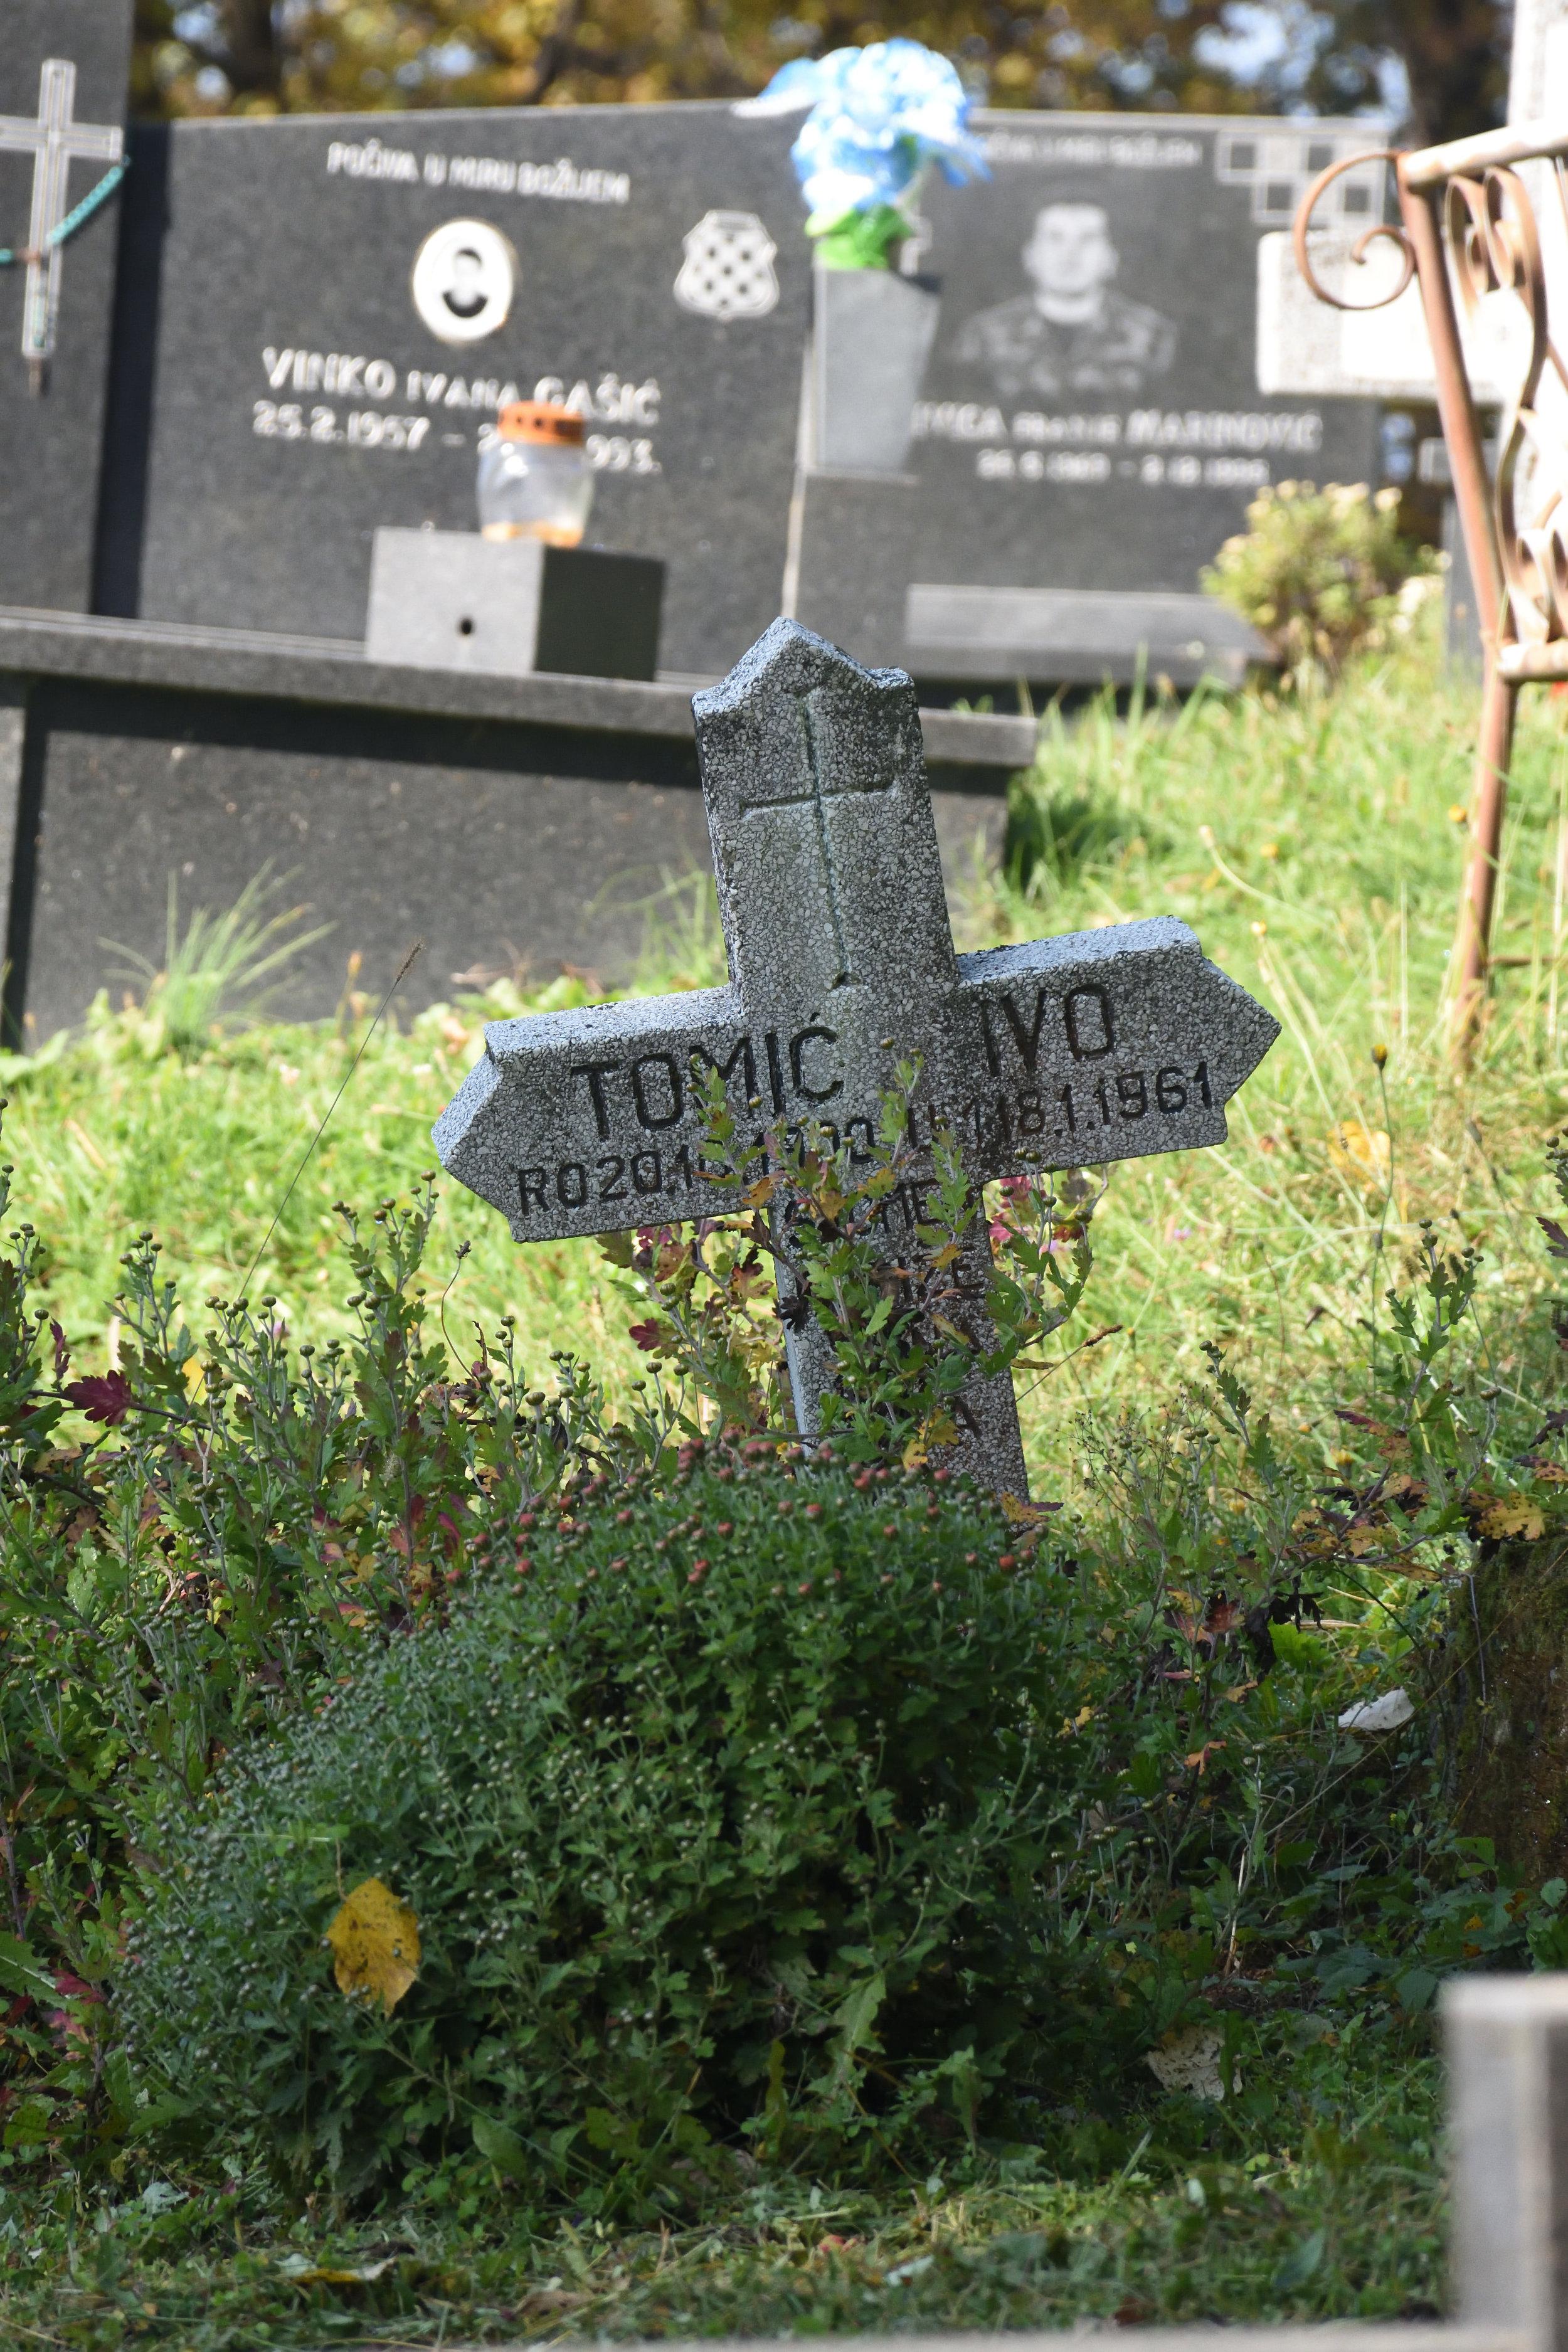 Croatish grave yeard Cepce, 2016